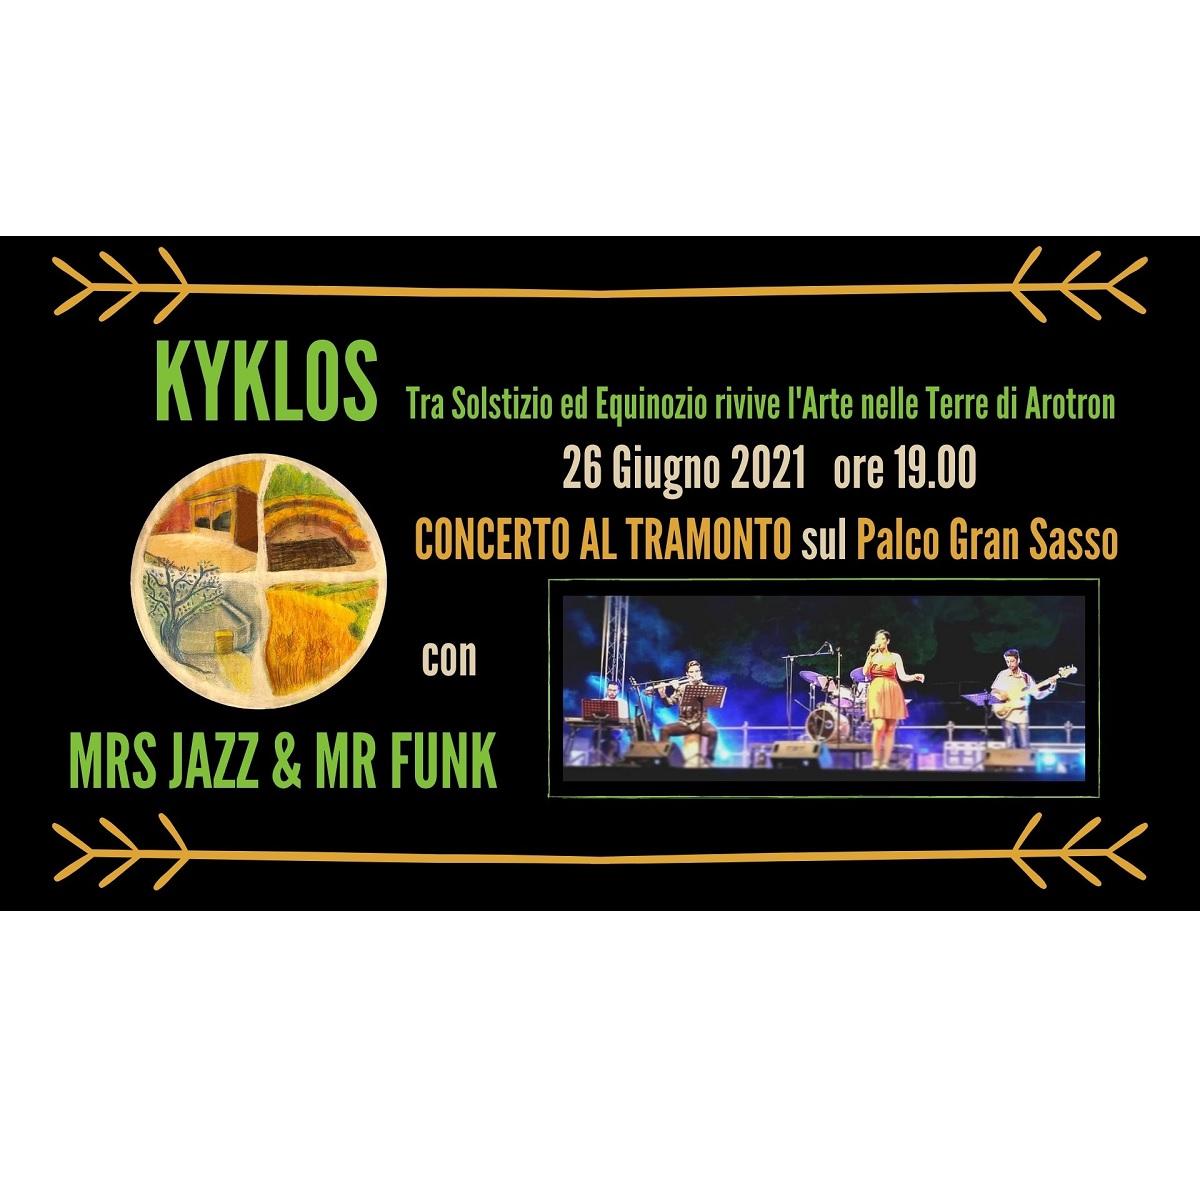 Concerto al Tramonto - Mrs Jazz e Mr Funk 26 giugno 2021 foto